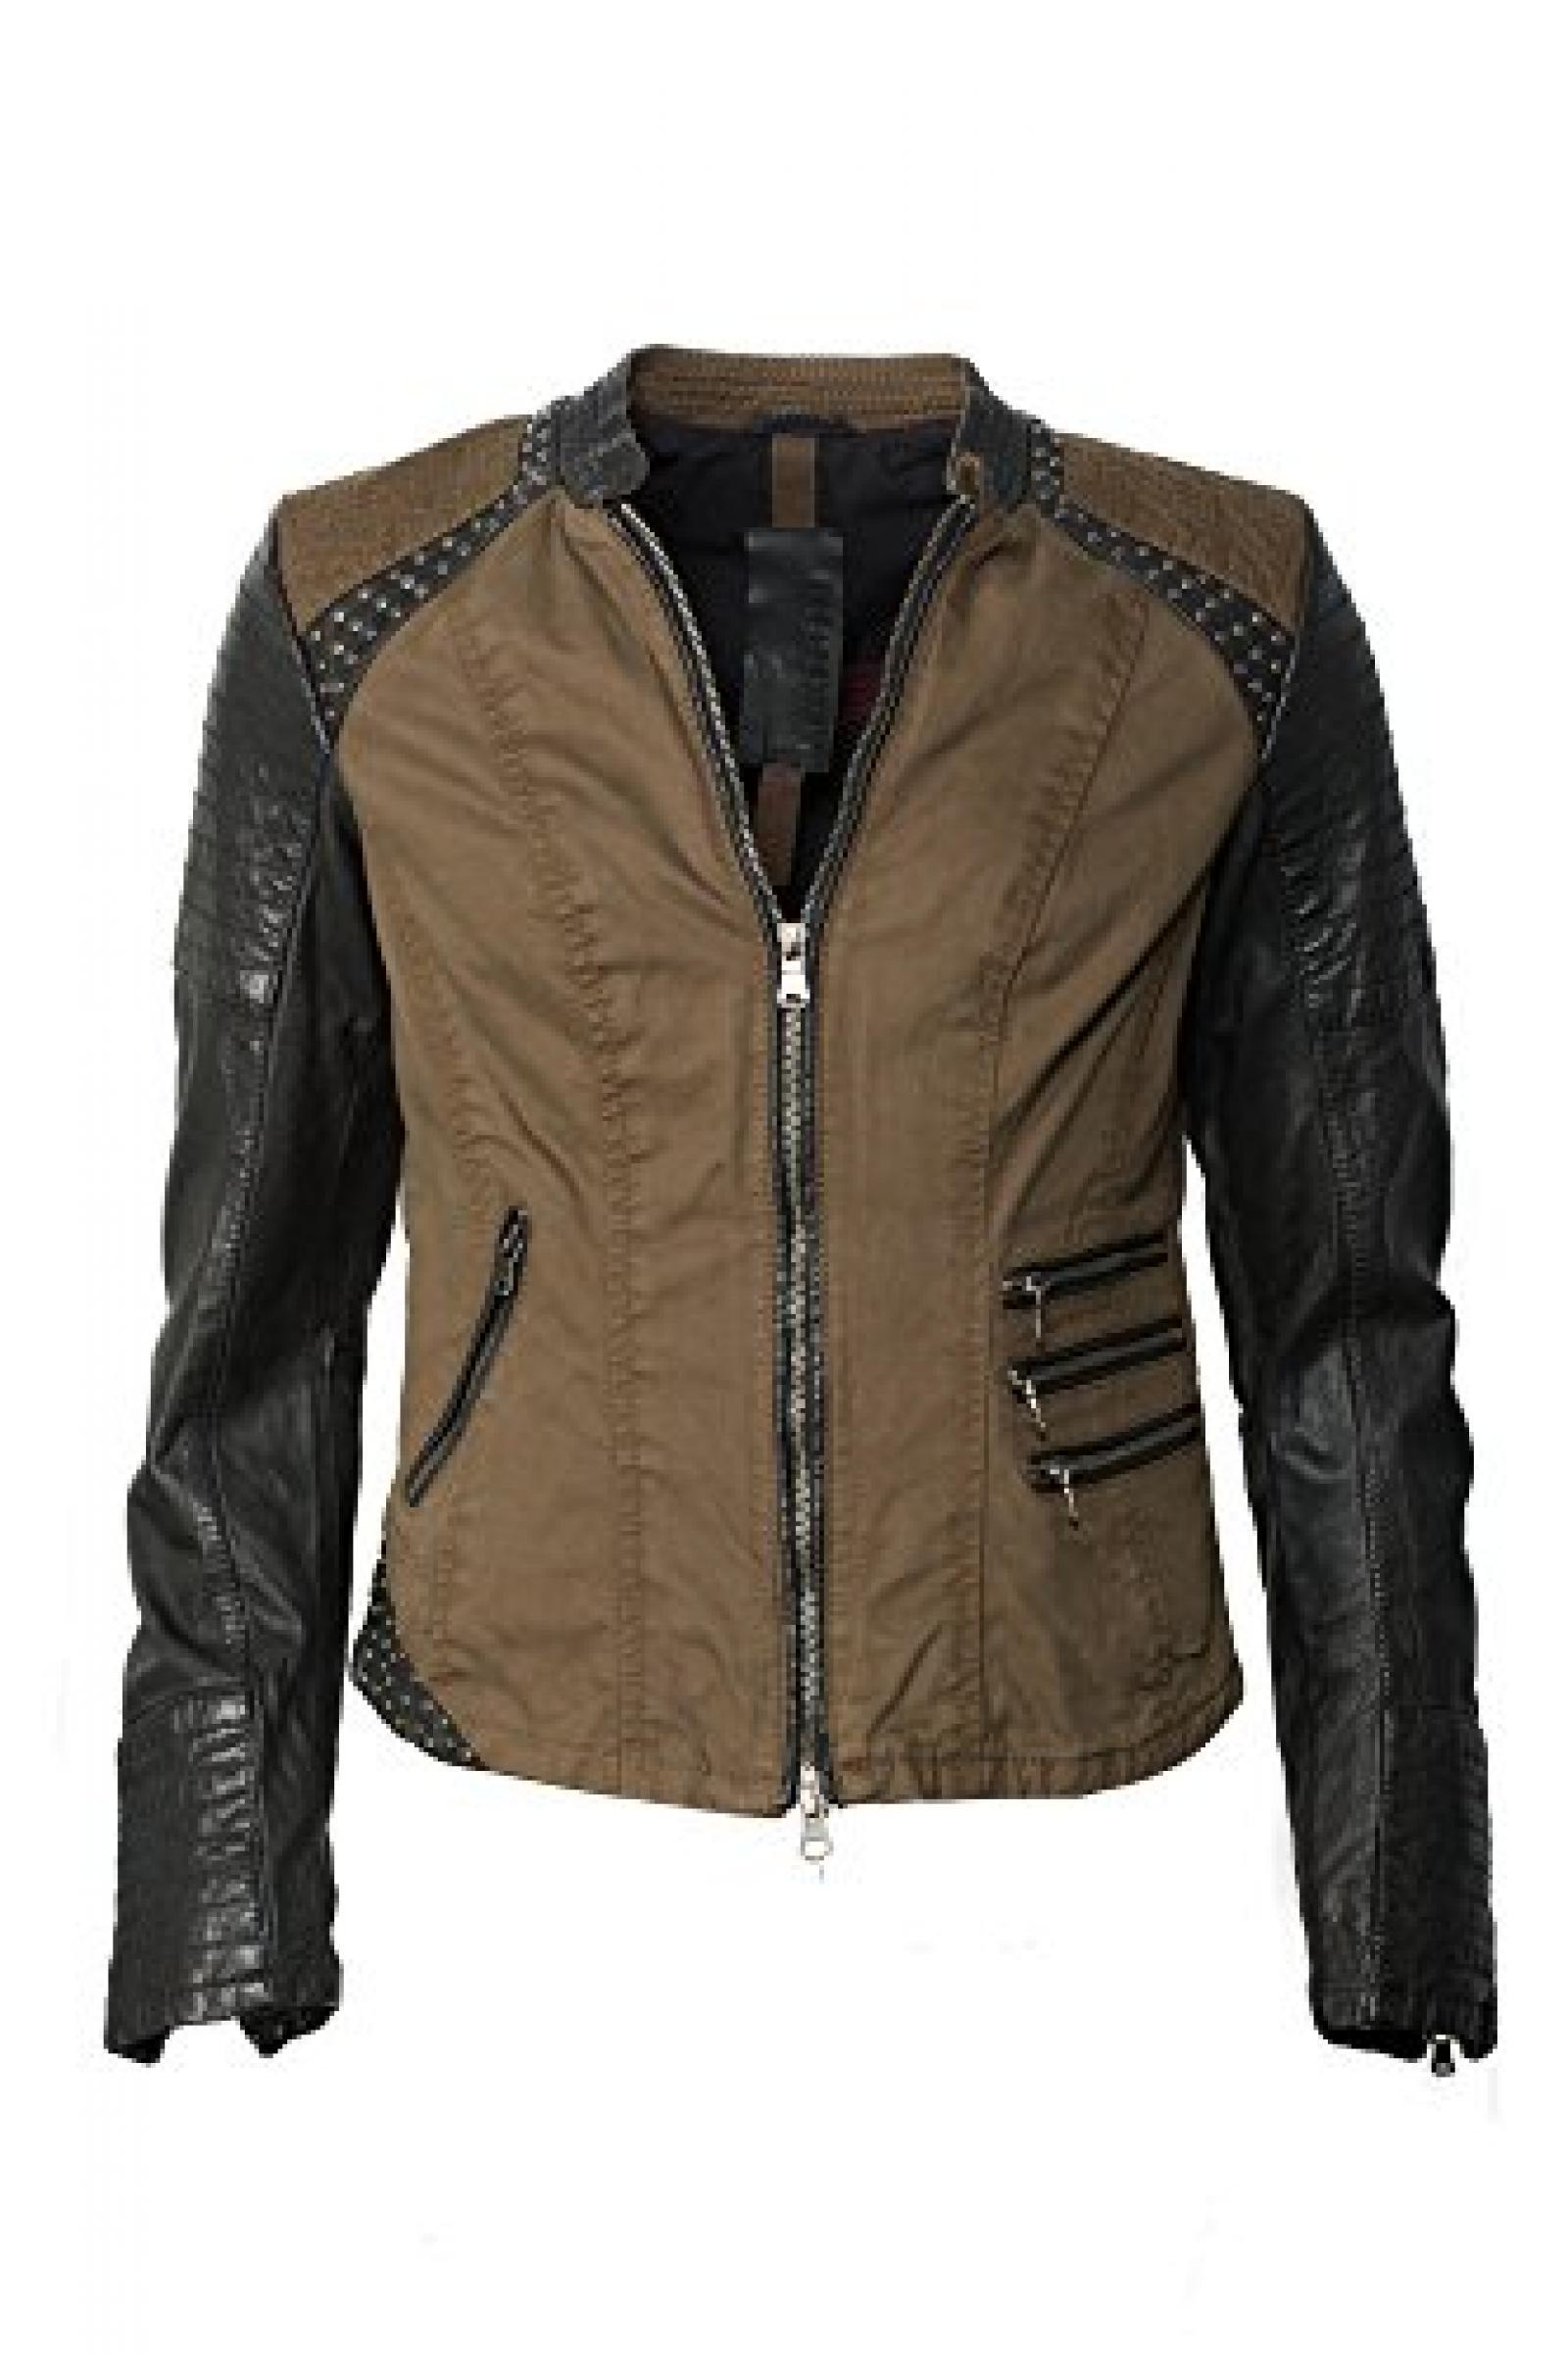 Einzigartig coole Lederjacke für Trendsetter! Khaki black Trendmodell vom Lifestylelabel Milestone!